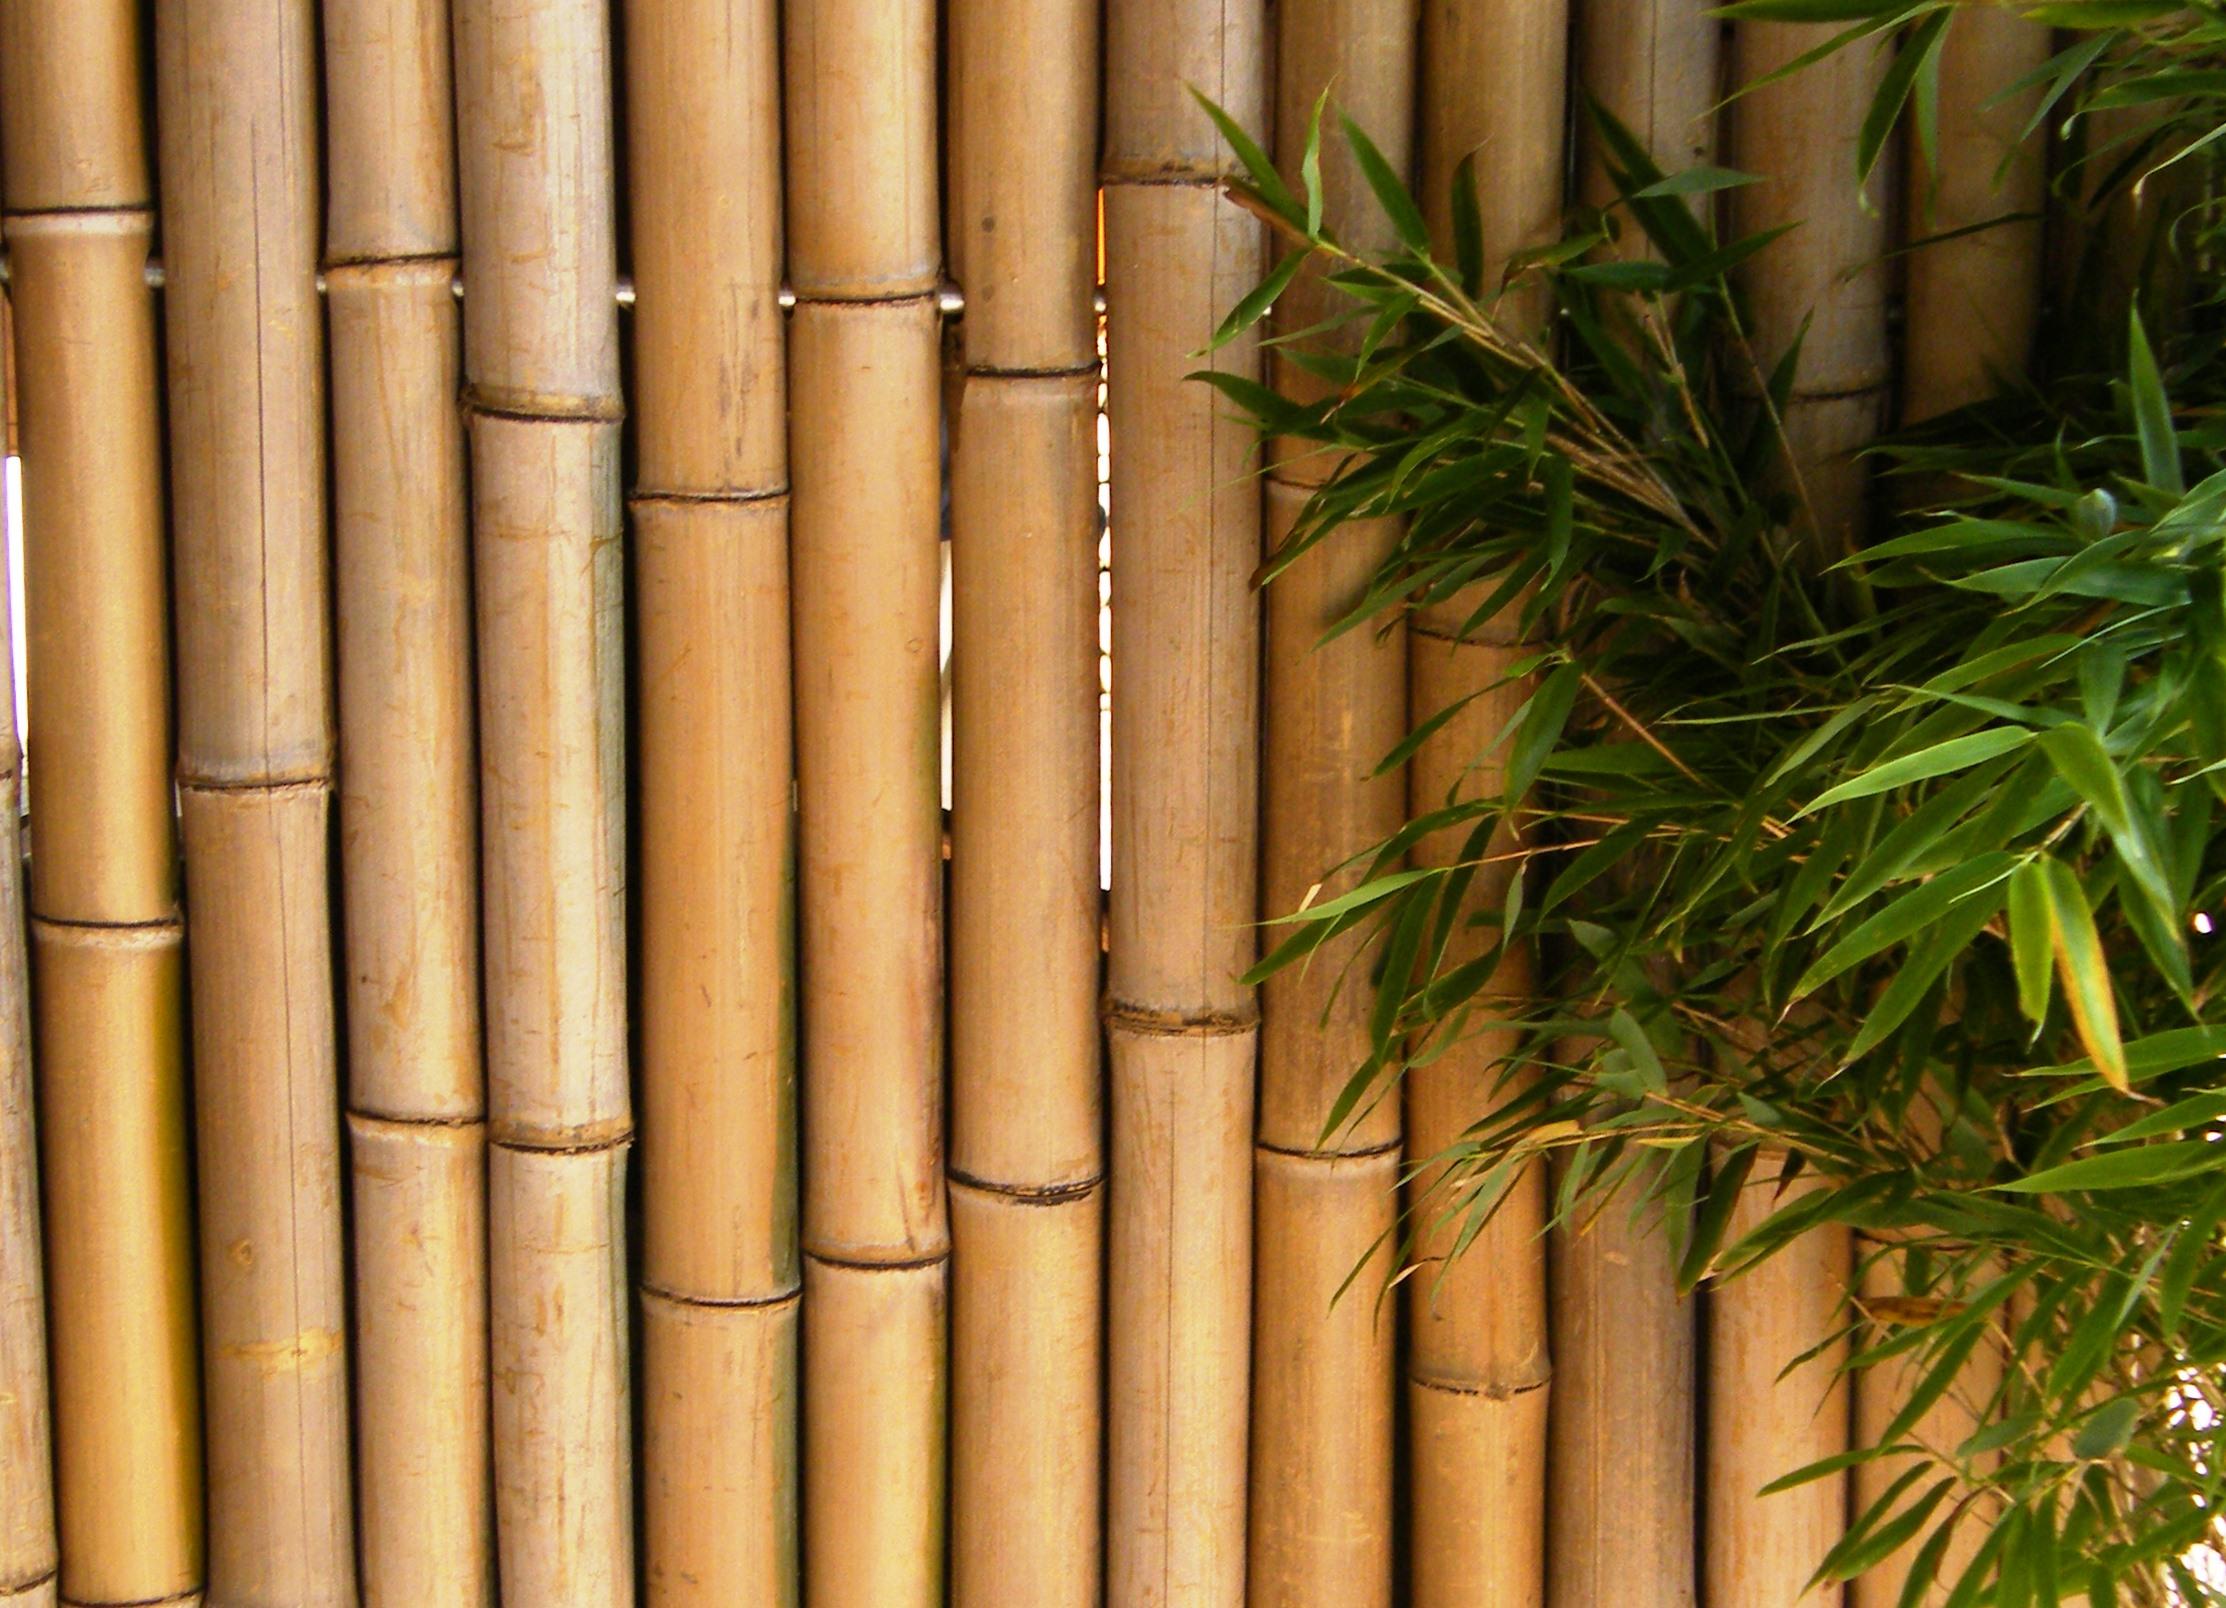 Bambuselement Bambooline 180 X 150 Cm Www Garten Bronder Shop Com